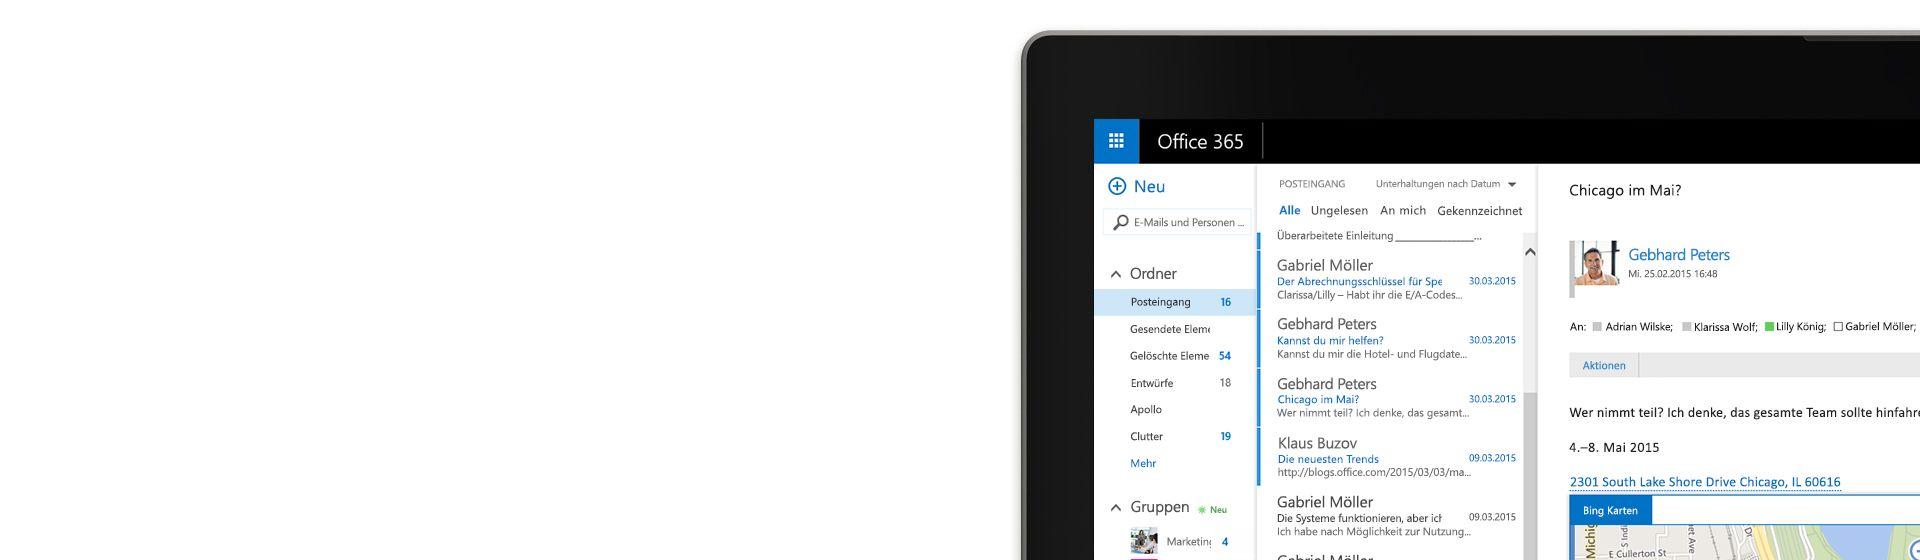 Ausschnitt eines Computerbildschirms mit einem E-Mail-Posteingang in Office 365